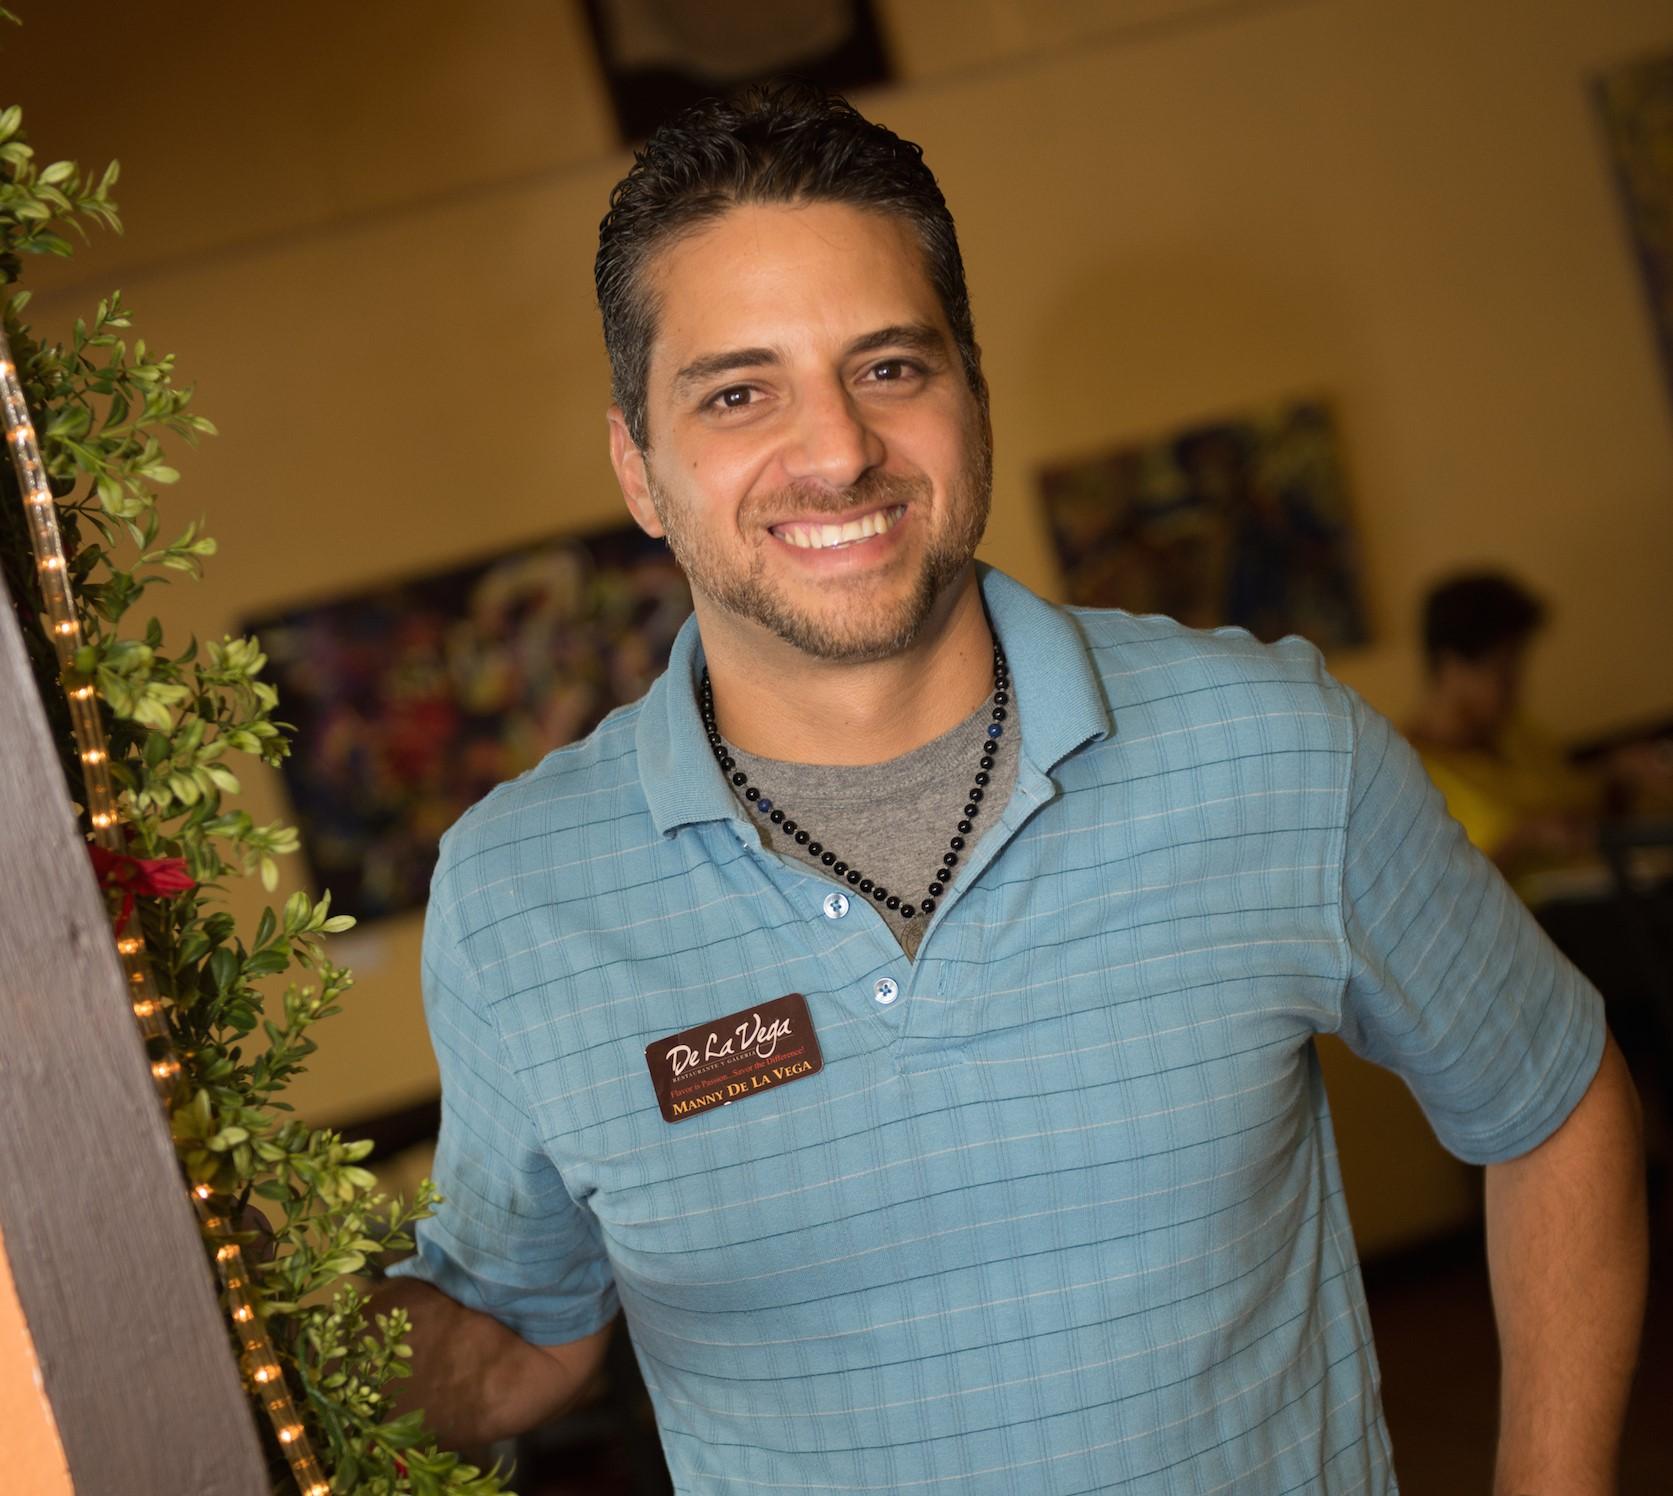 Manny De La Vega